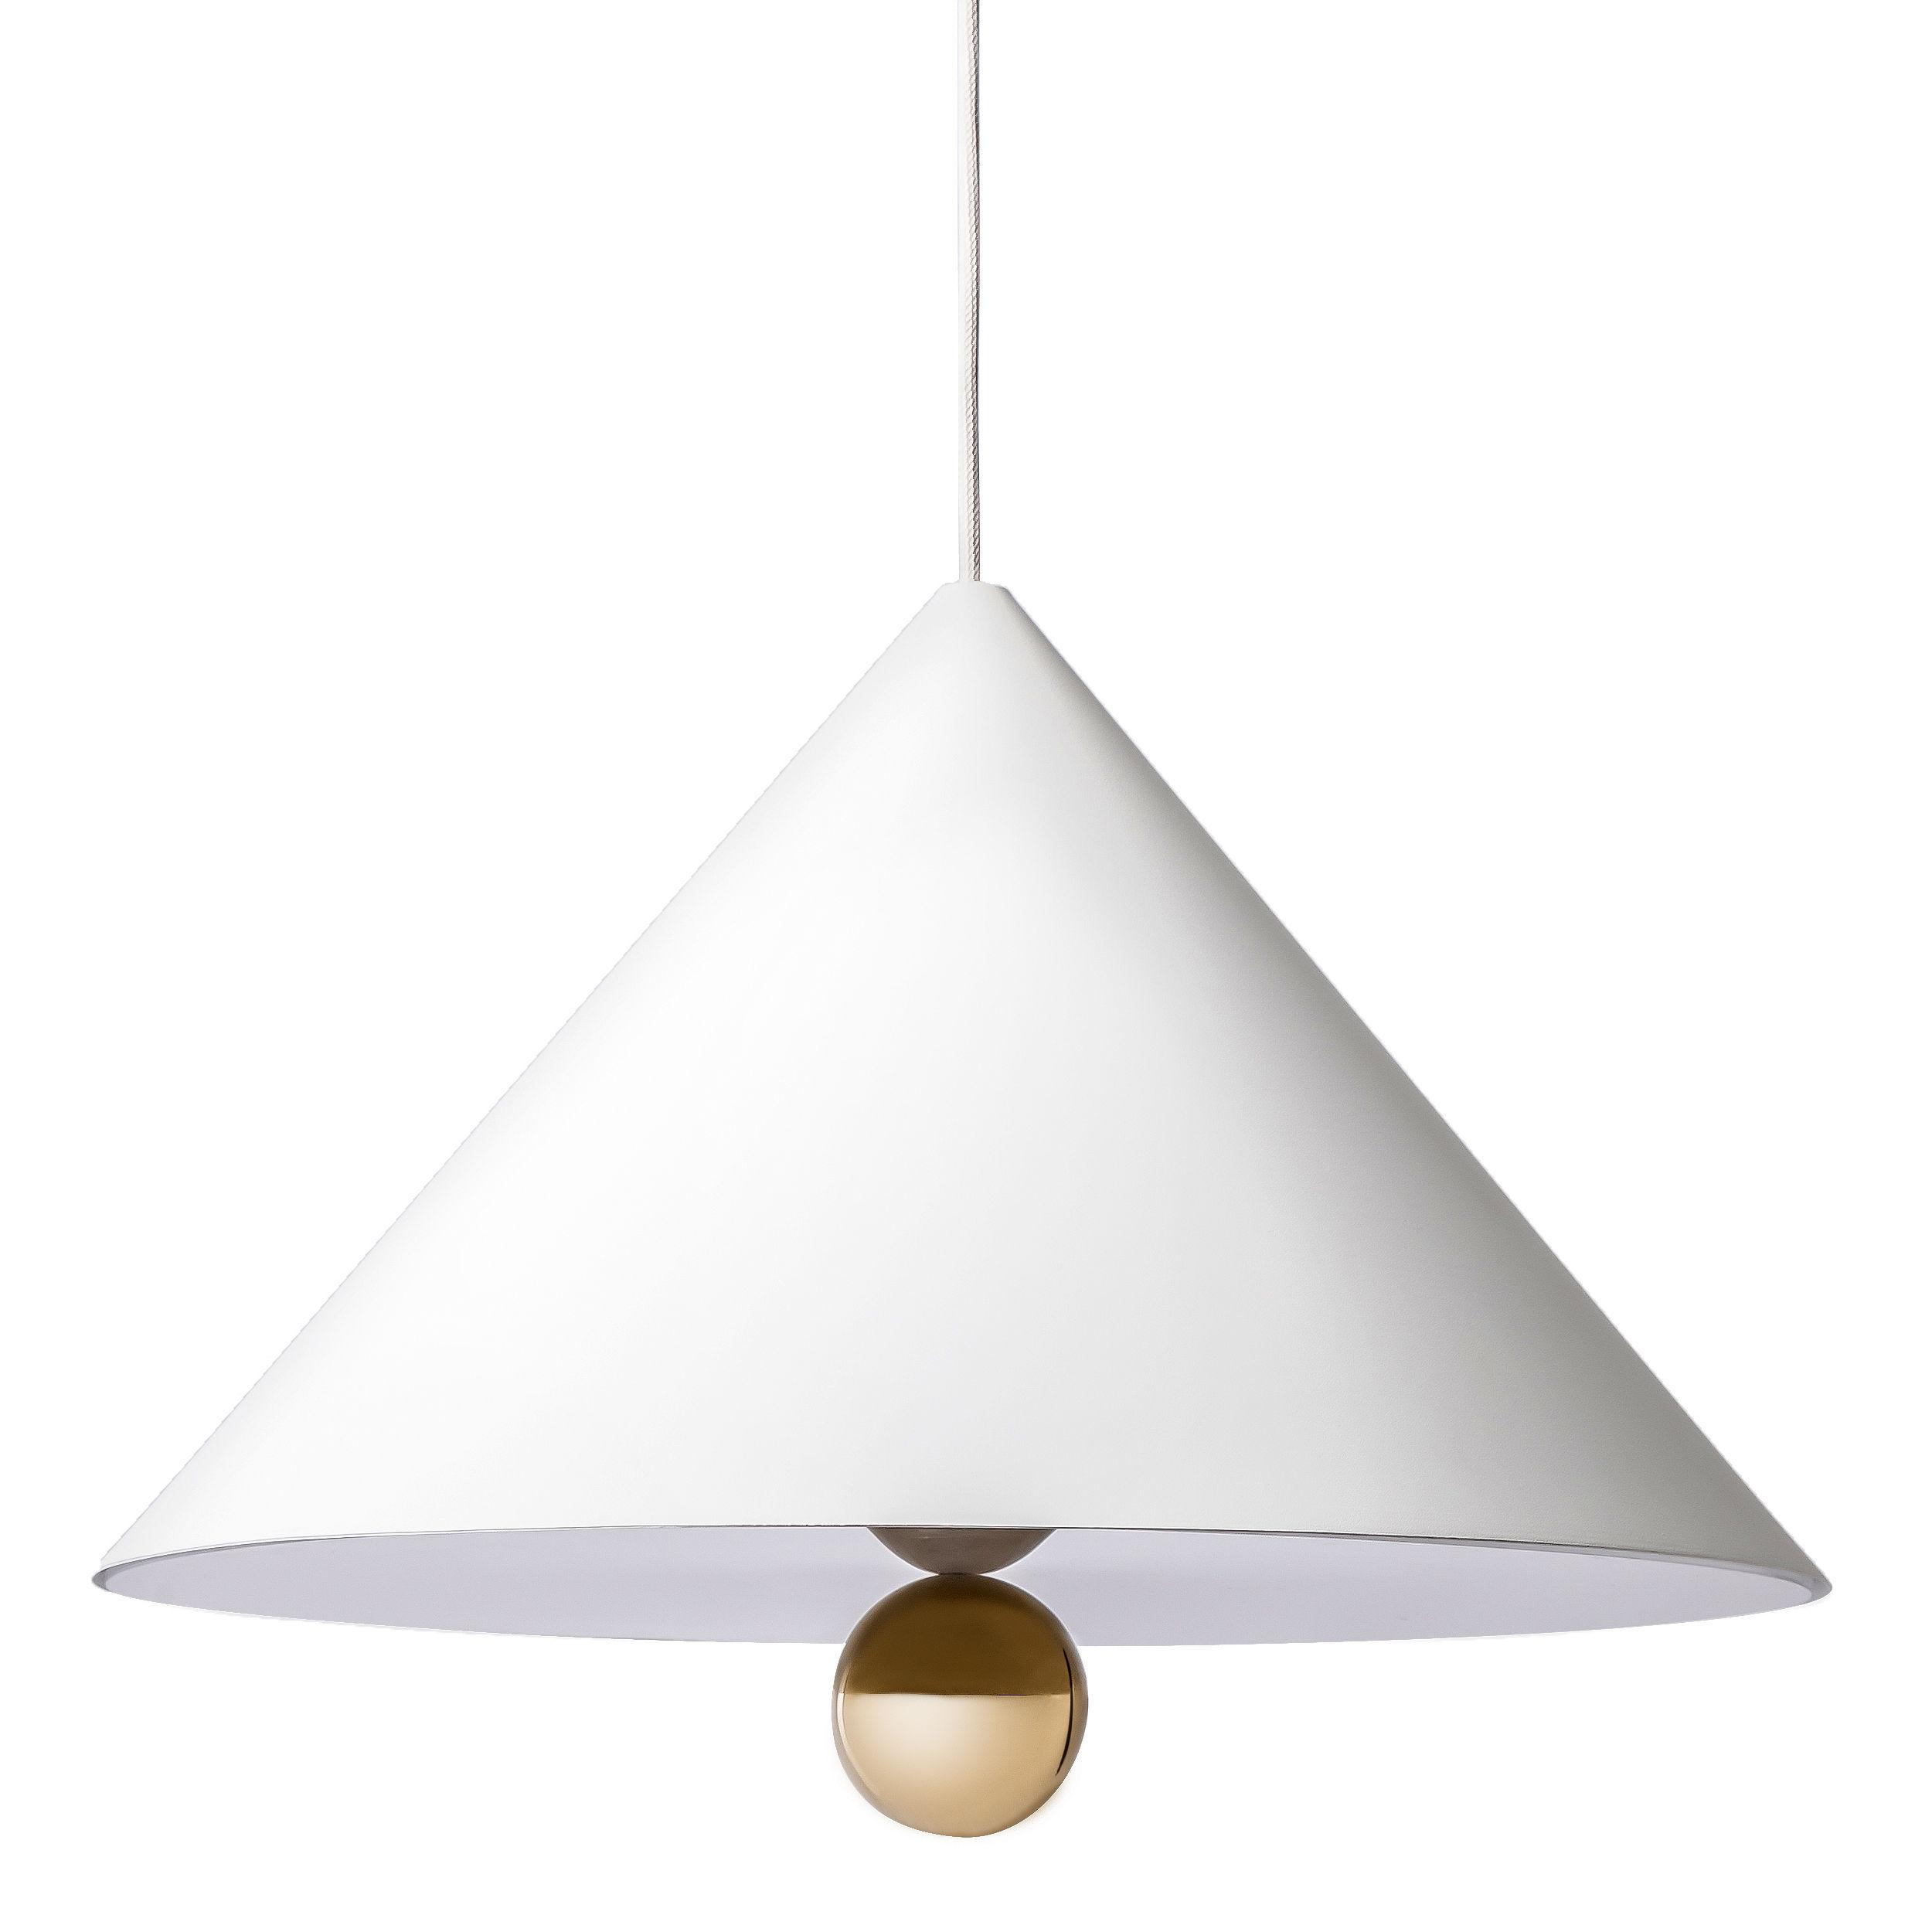 Luminaire - Suspensions - Suspension Cherry / Large - Ø 50 cm - Petite Friture - Blanc / Sphère dorée - Aluminium, Plastique, Plexiglas, Tissu